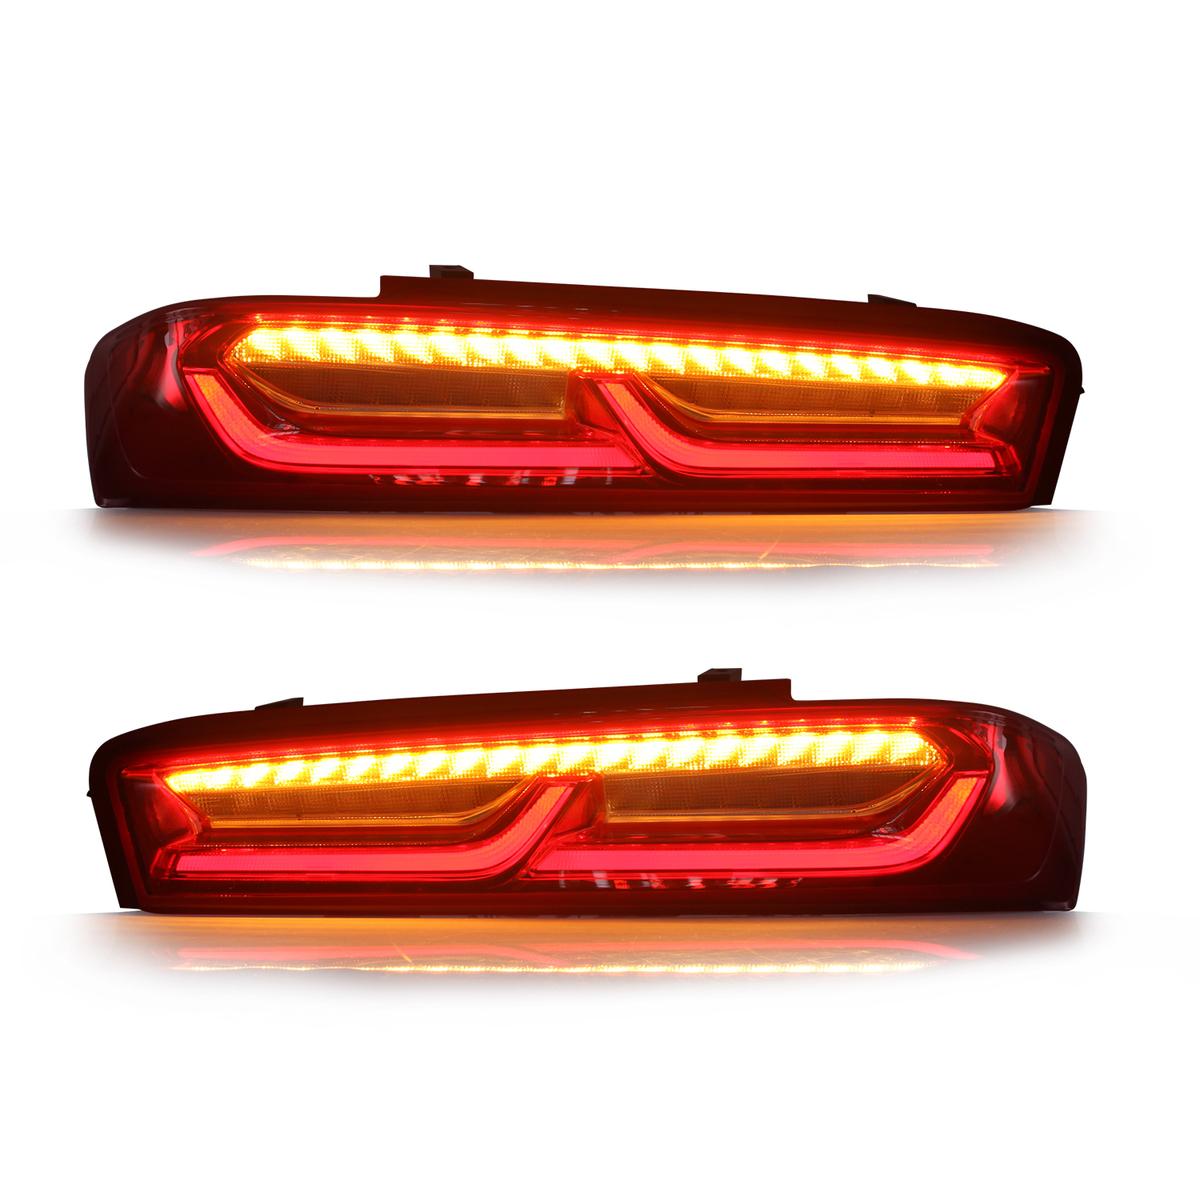 カマロ SS gen6 テールライト 新着セール CAMARO シーケンシャルウインカー USEKA シボレー 用 日本仕様 シーケンシャル LIGHT TAIL テールランプ 2015-2017LED Chevrolet レッド FOR 新品2015-2017年 大幅値下げランキング LED 左右セット